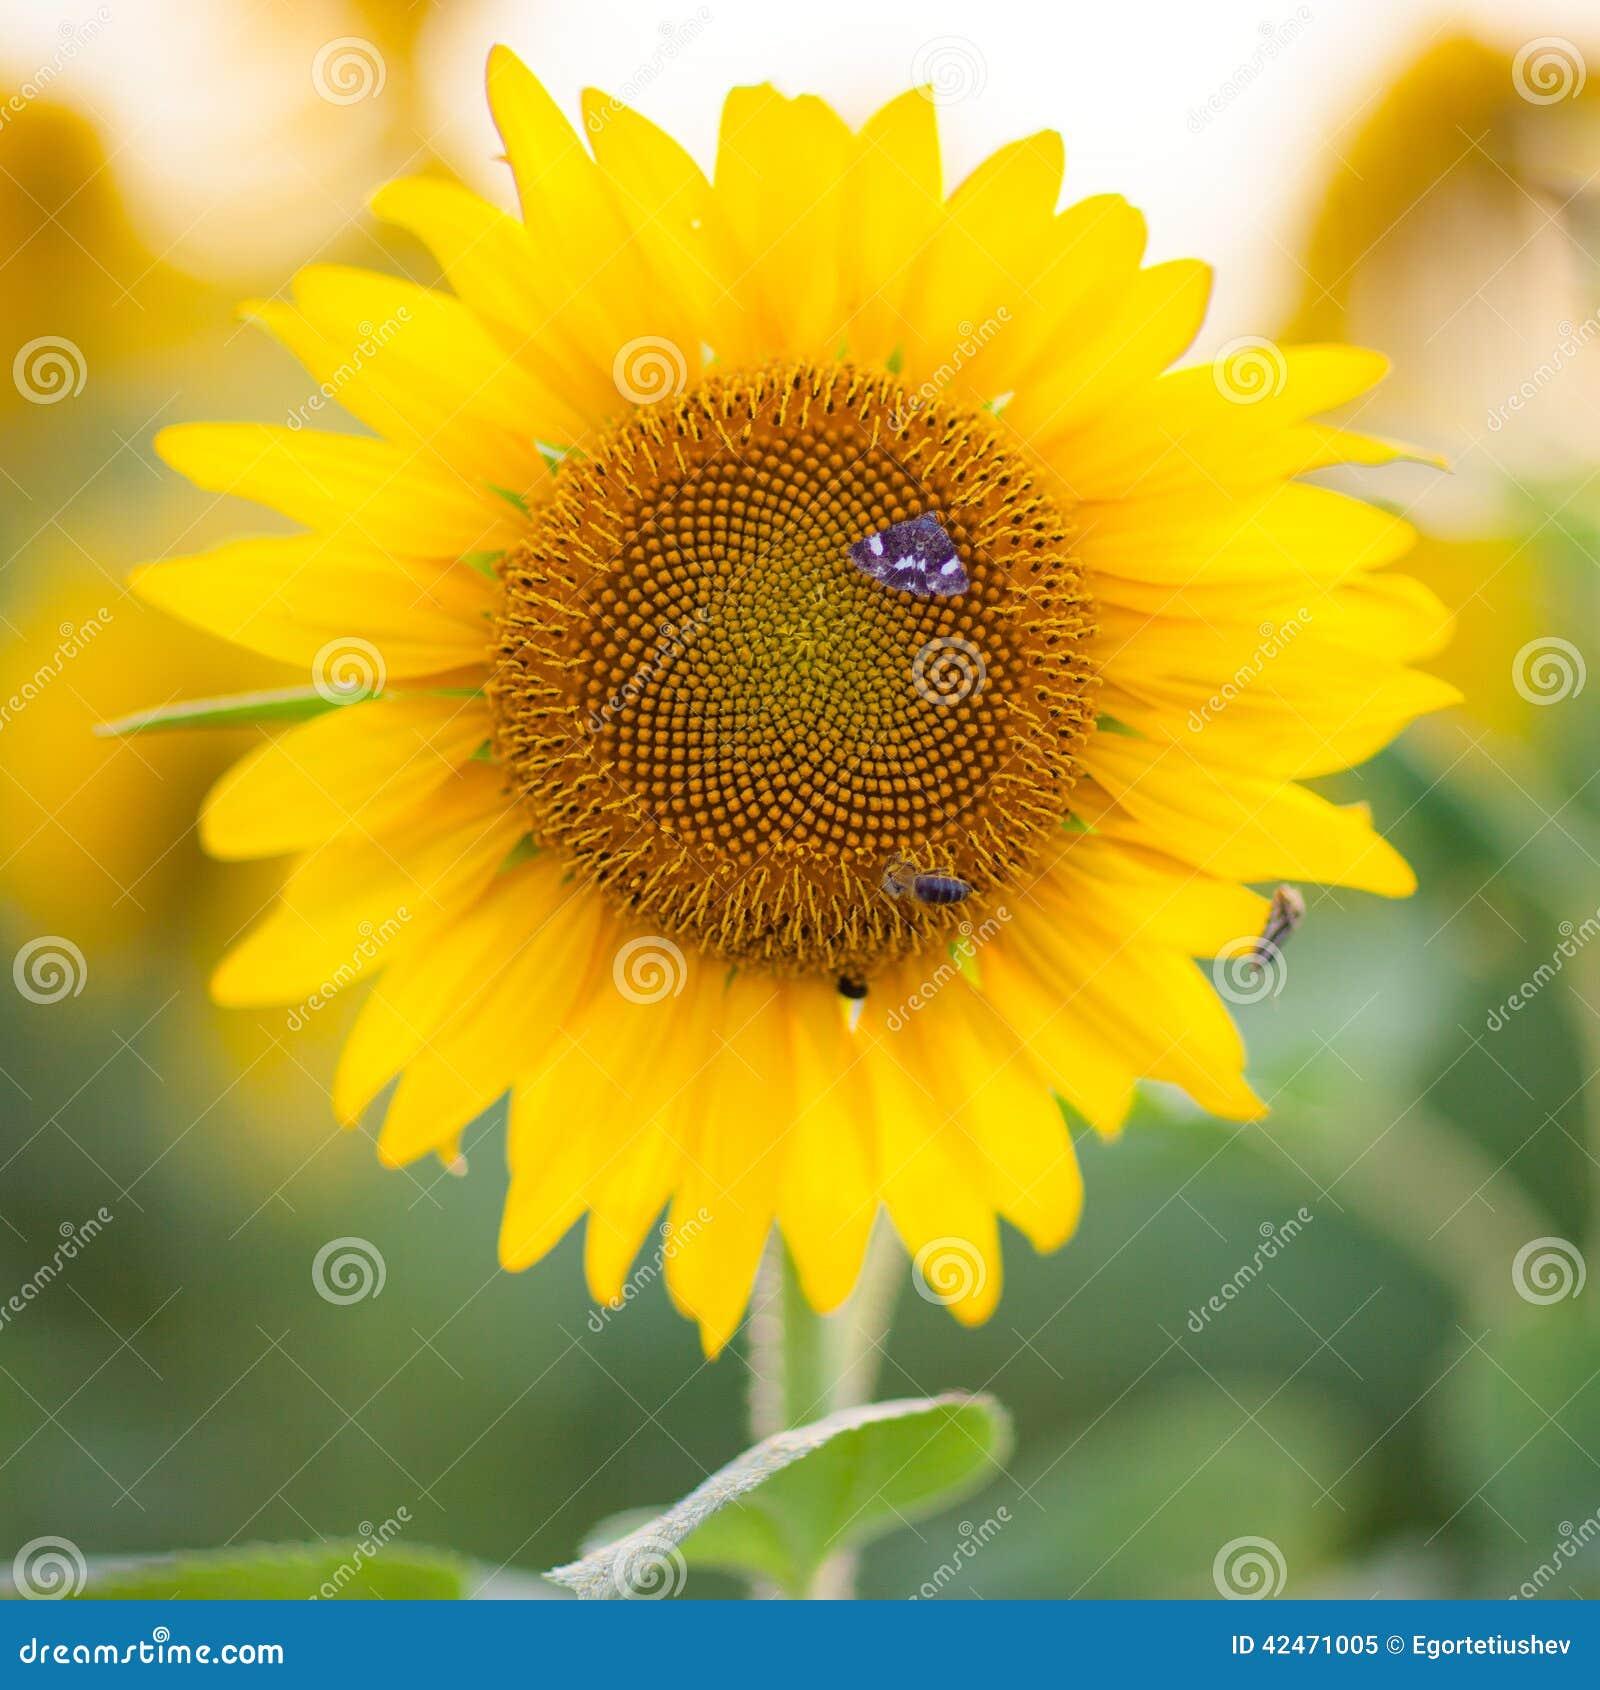 Sonnenblume und Basisrecheneinheit